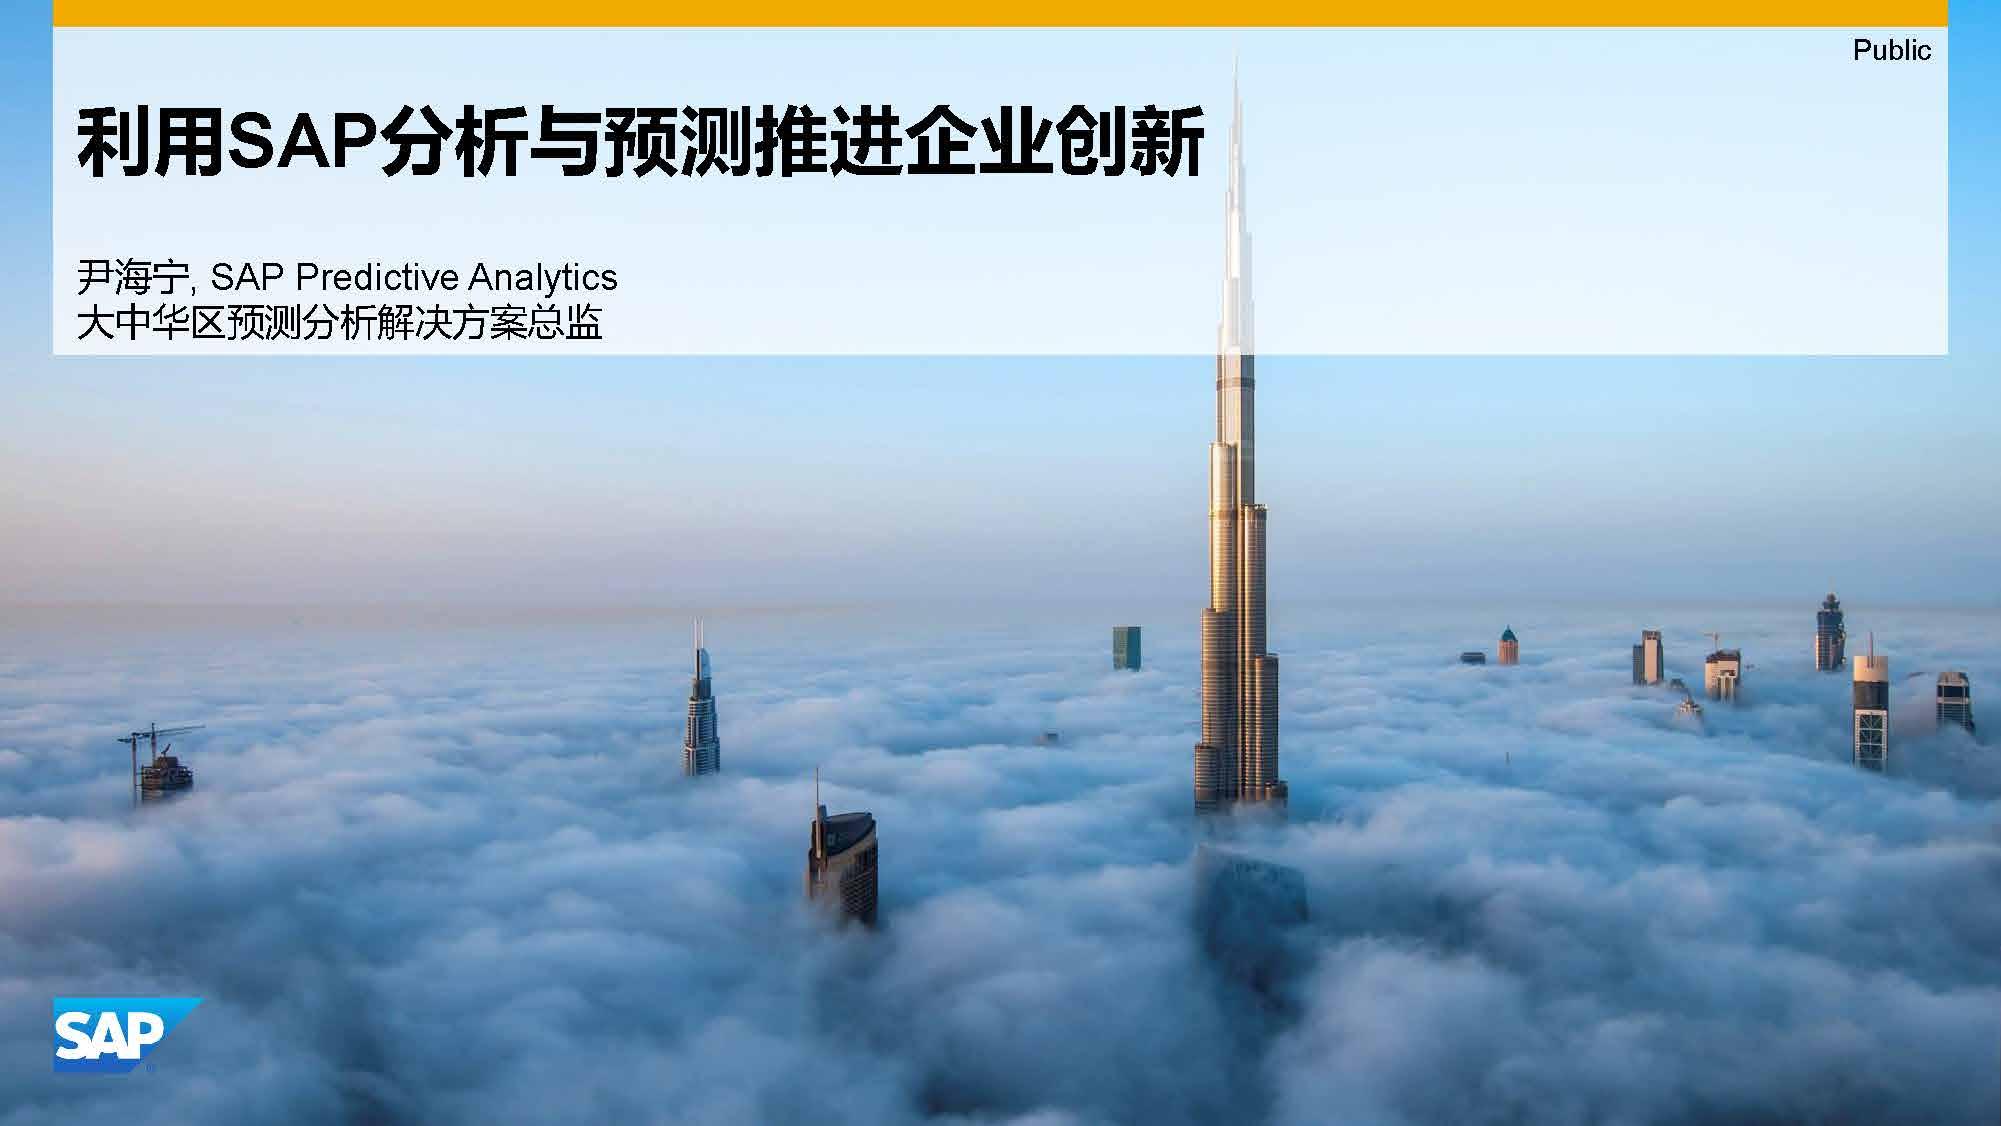 SAP-利用SAP分析与预测推进企业创新